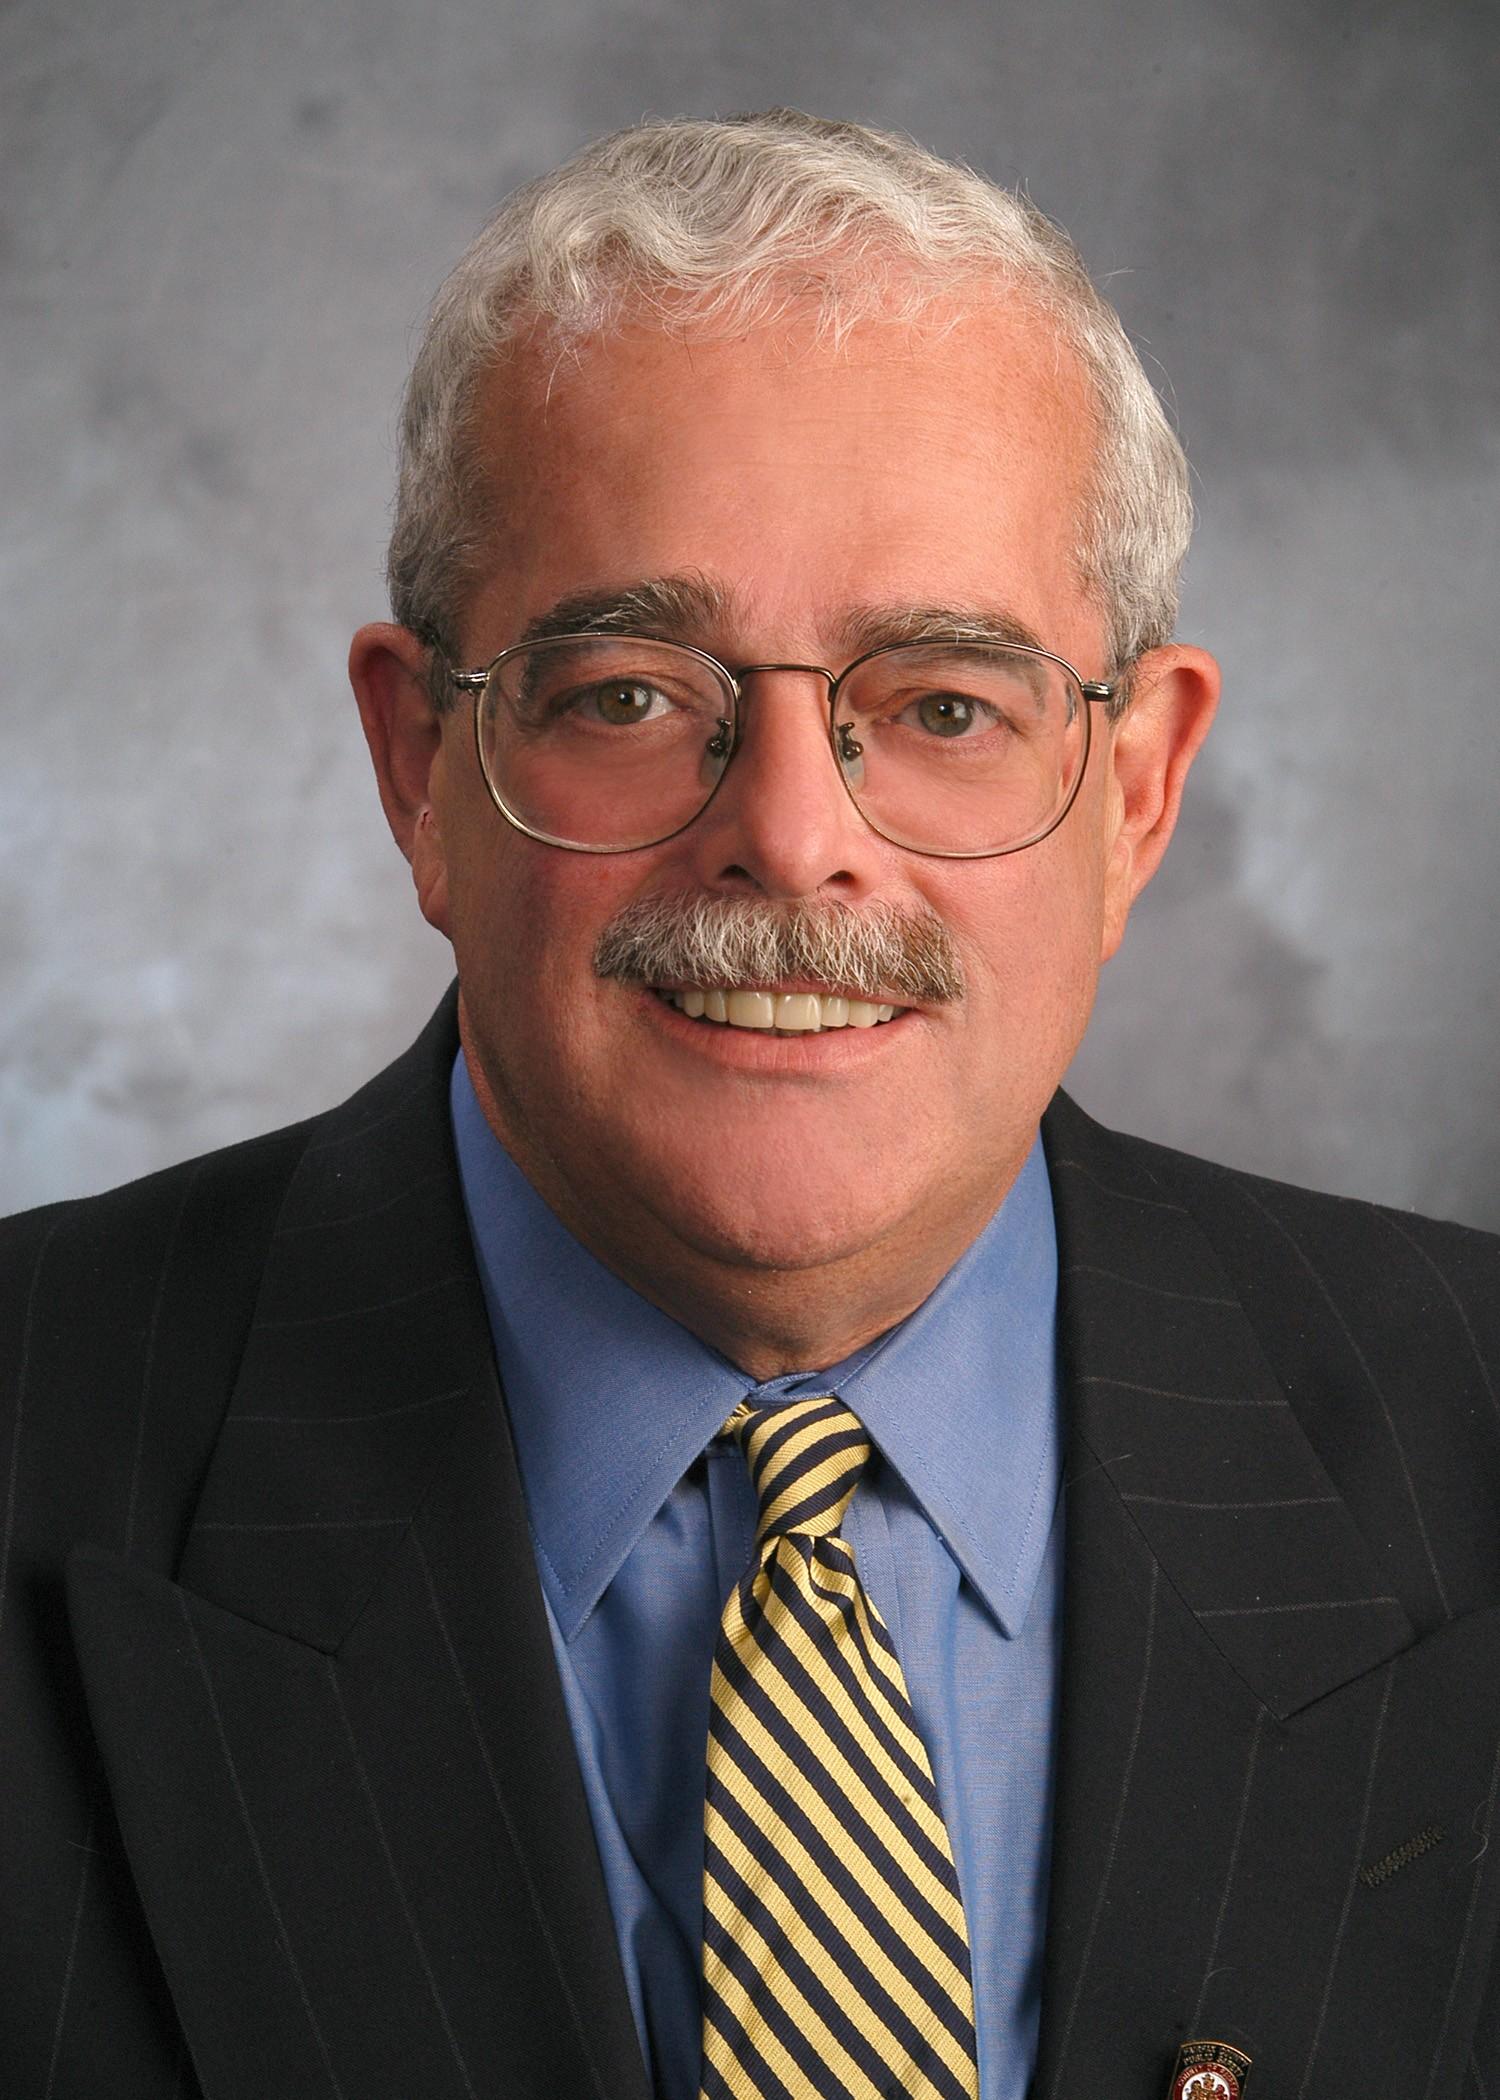 Rep. Gerald Connolly VA-11